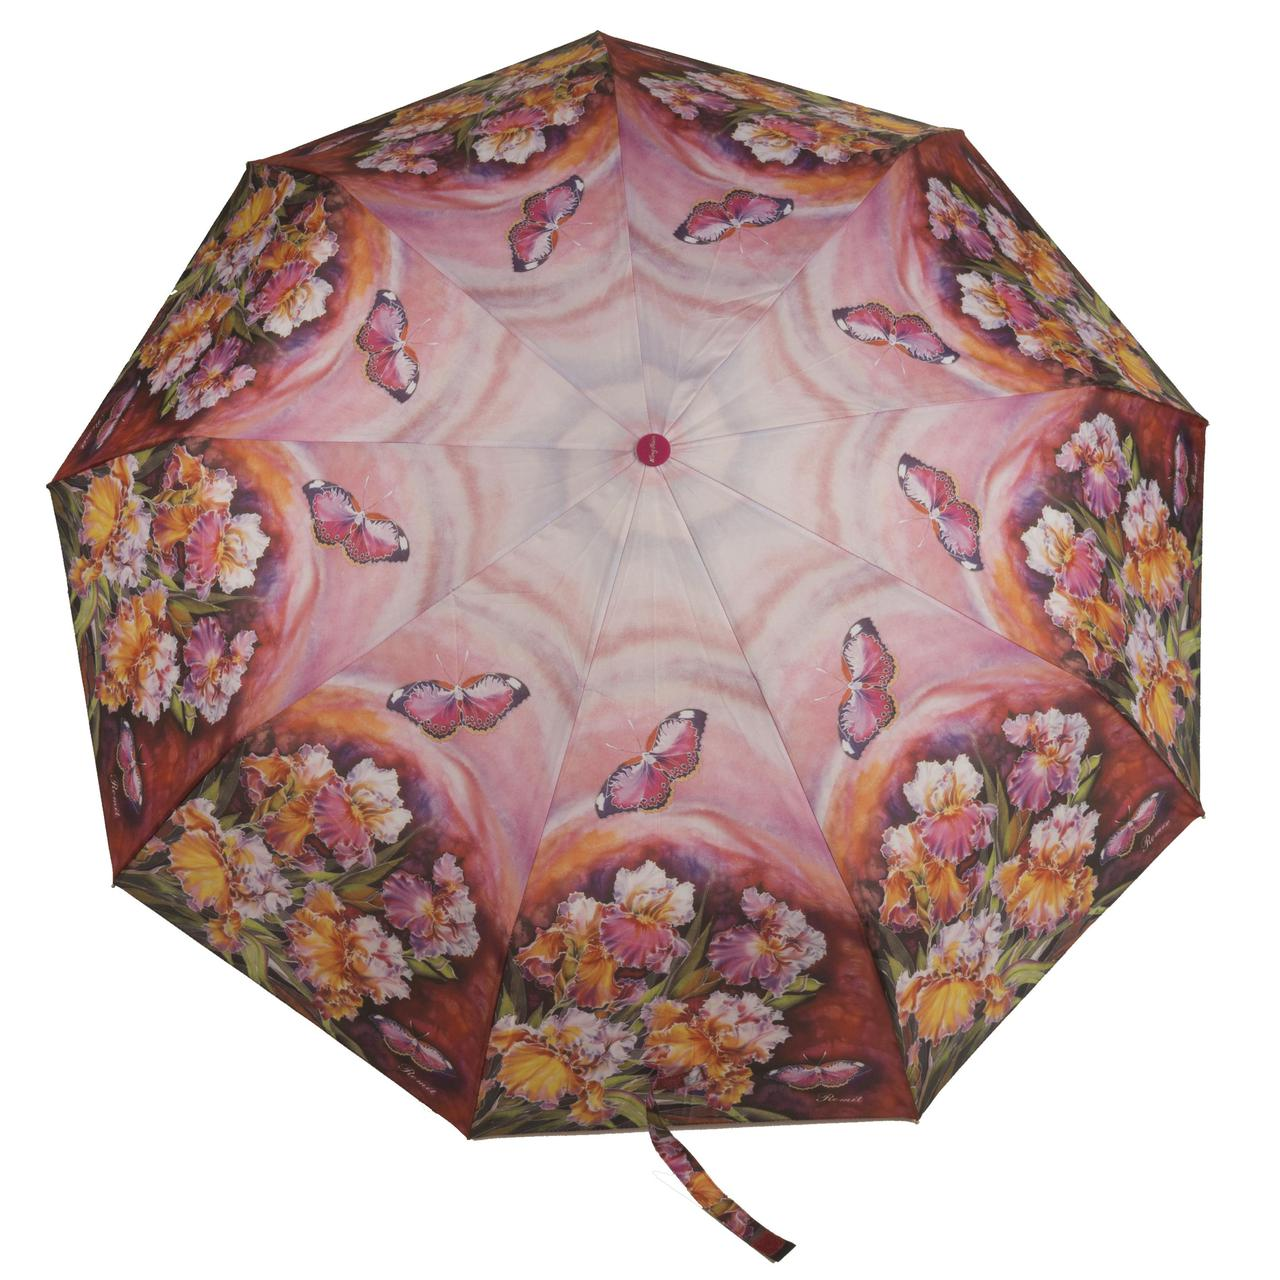 Женский симпатичный прочный зонтик автомат с ярким принтом KINGRAIN UMBRELLA  art. 1603 цветы  (102947)